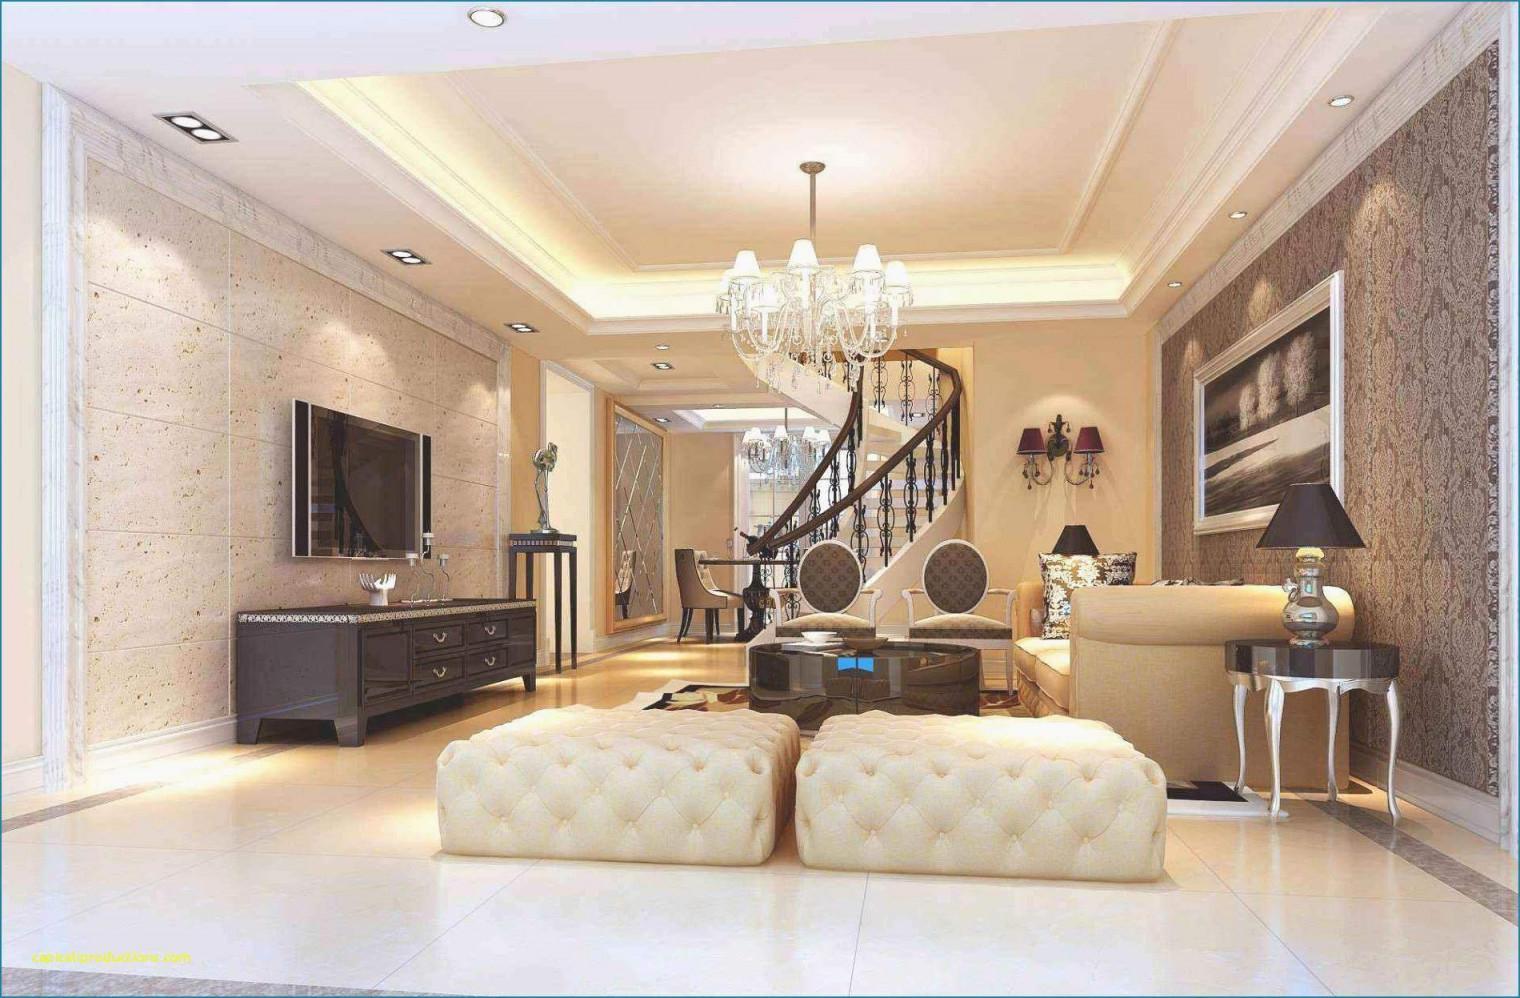 Wandbild Wohnzimmer Inspirierend Bilder Wohnzimmer Groß von Bilder Wohnzimmer Groß Bild